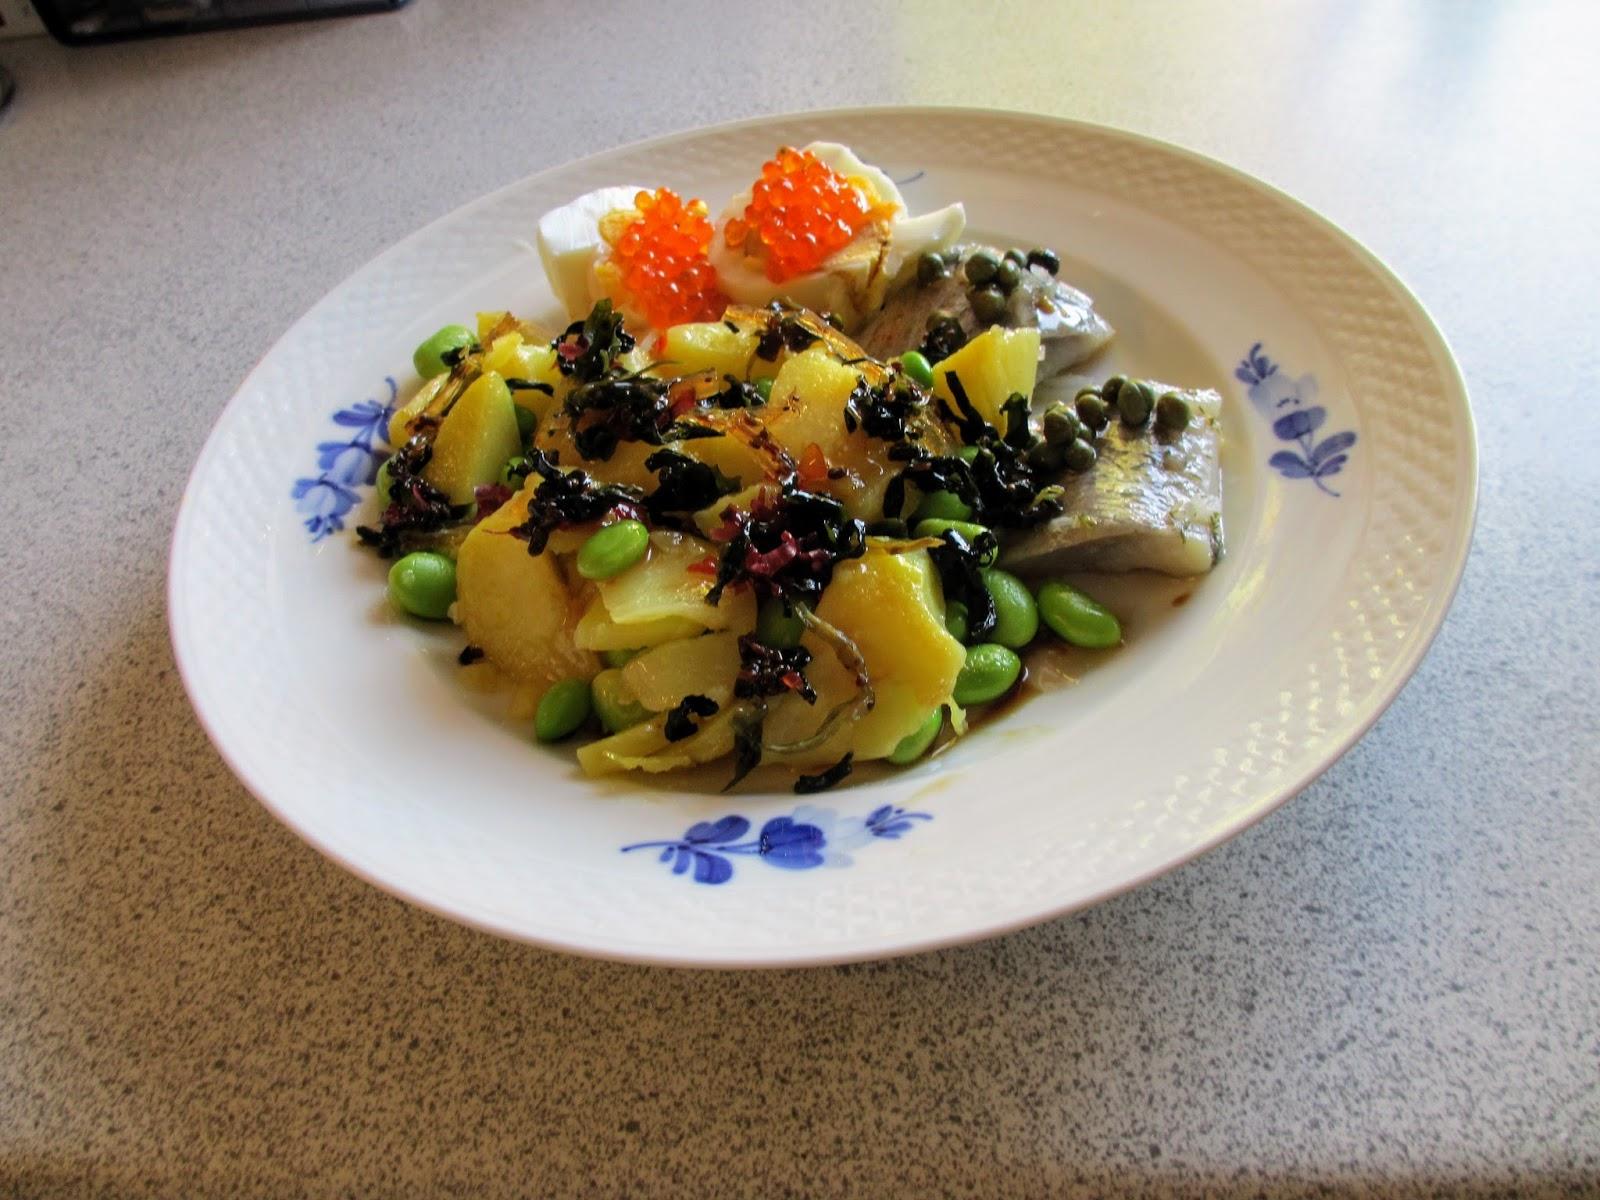 Bedstemors TangMad: Dildsild med kapers, æg med ørredrogn, brasede kartofler, edamamebønner ...